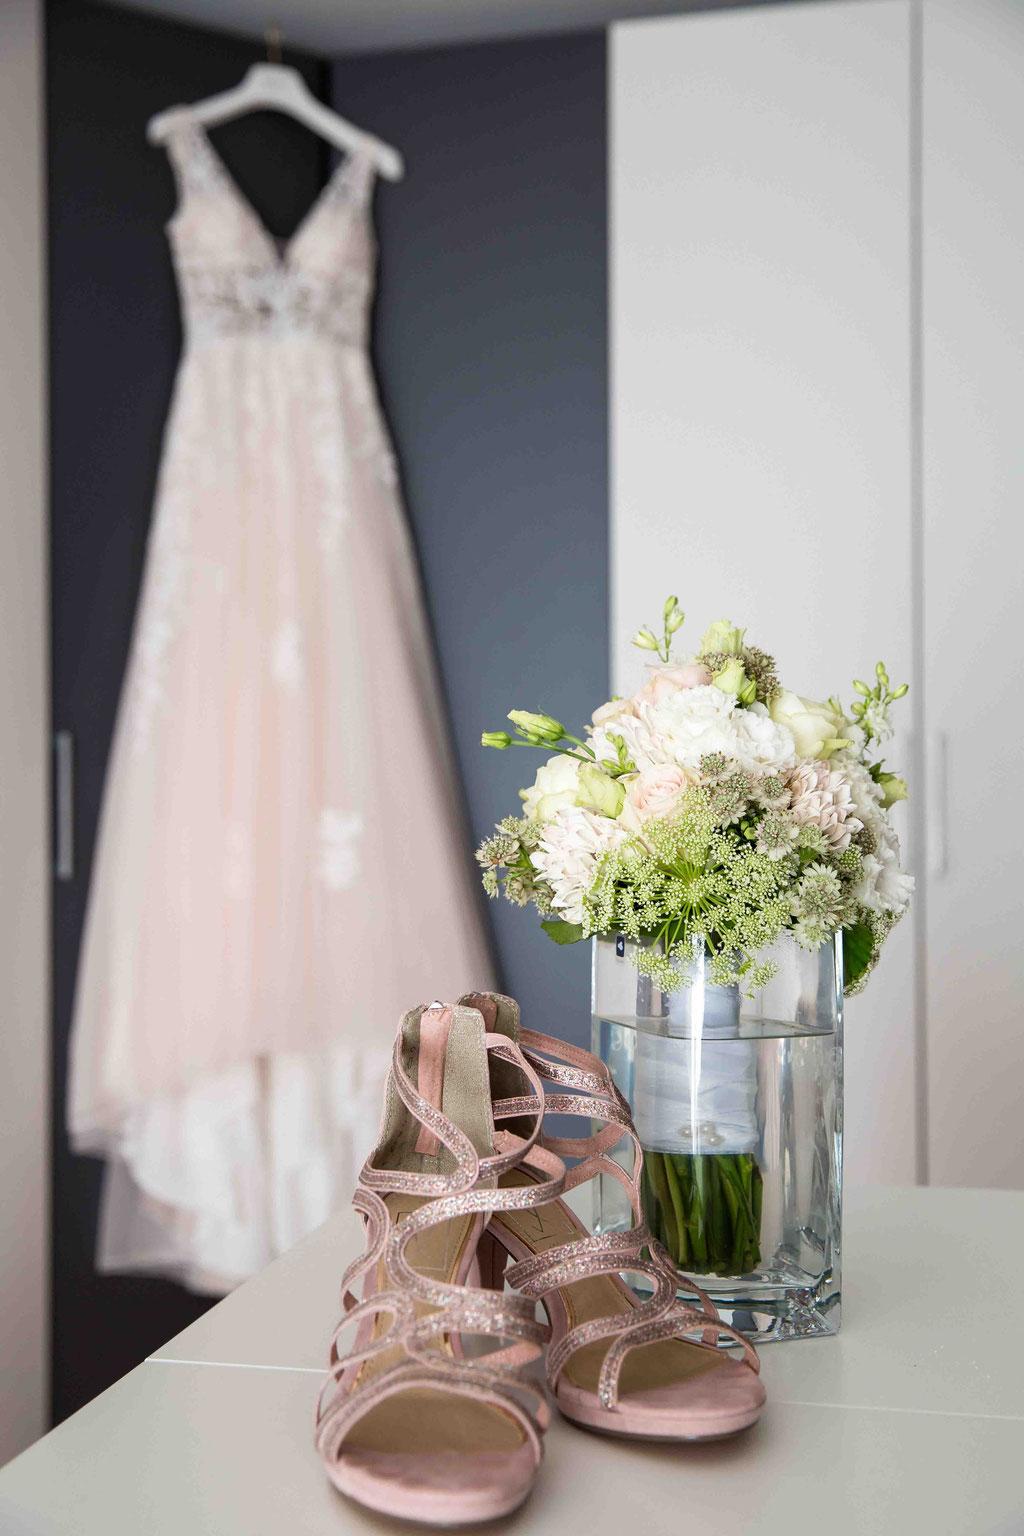 Getting Ready Hochzeitsbilder vom Hochzeitsfotograf Ralf Riehl, Brautkleid Fotos, Hochzeitsschuhe fotografiert, Hochzeitsstrauß in Bildern